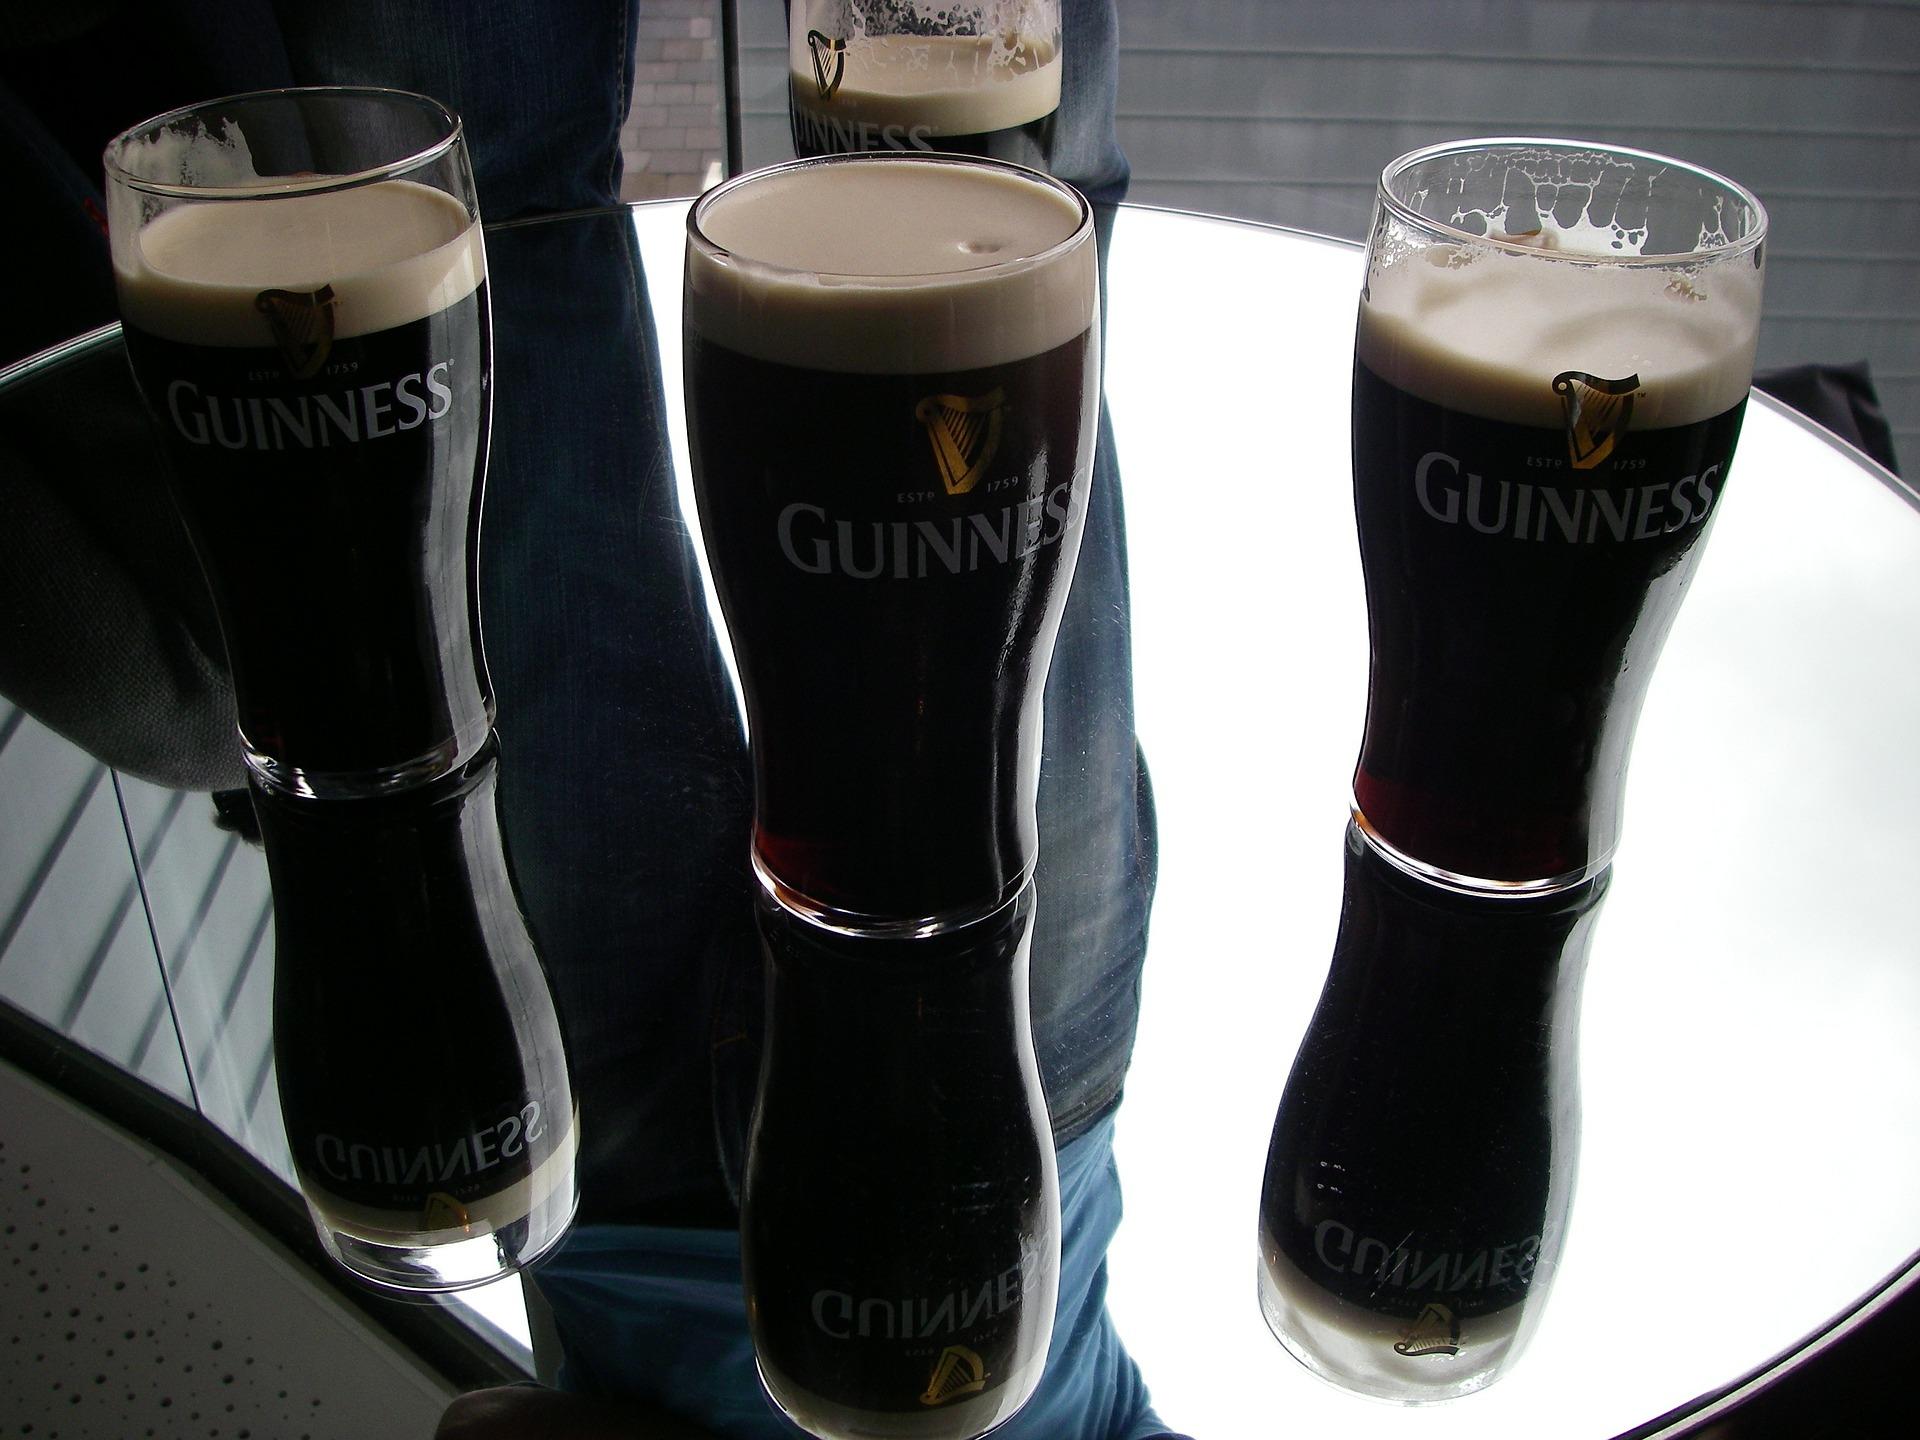 黒ビールの定番!アイルランド・ギネスビールの美味しい飲み方の5つのコツ!